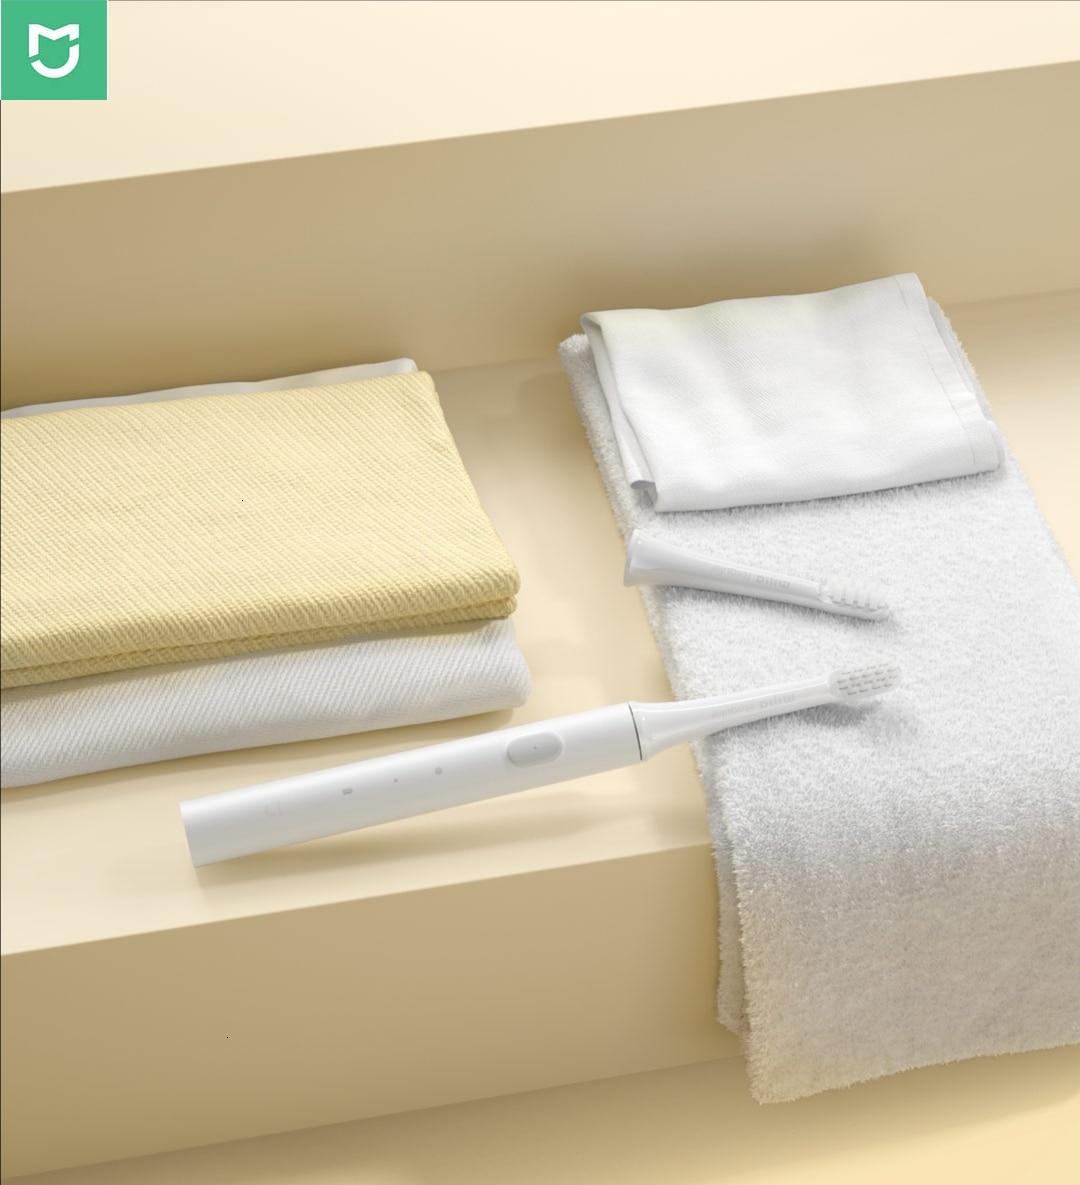 46 г Оригинал Xiao mi jia T100 mi умная электрическая зубная щетка двухскоростной режим очистки 30 дней последняя машина Xio mi домашняя зубная щетка